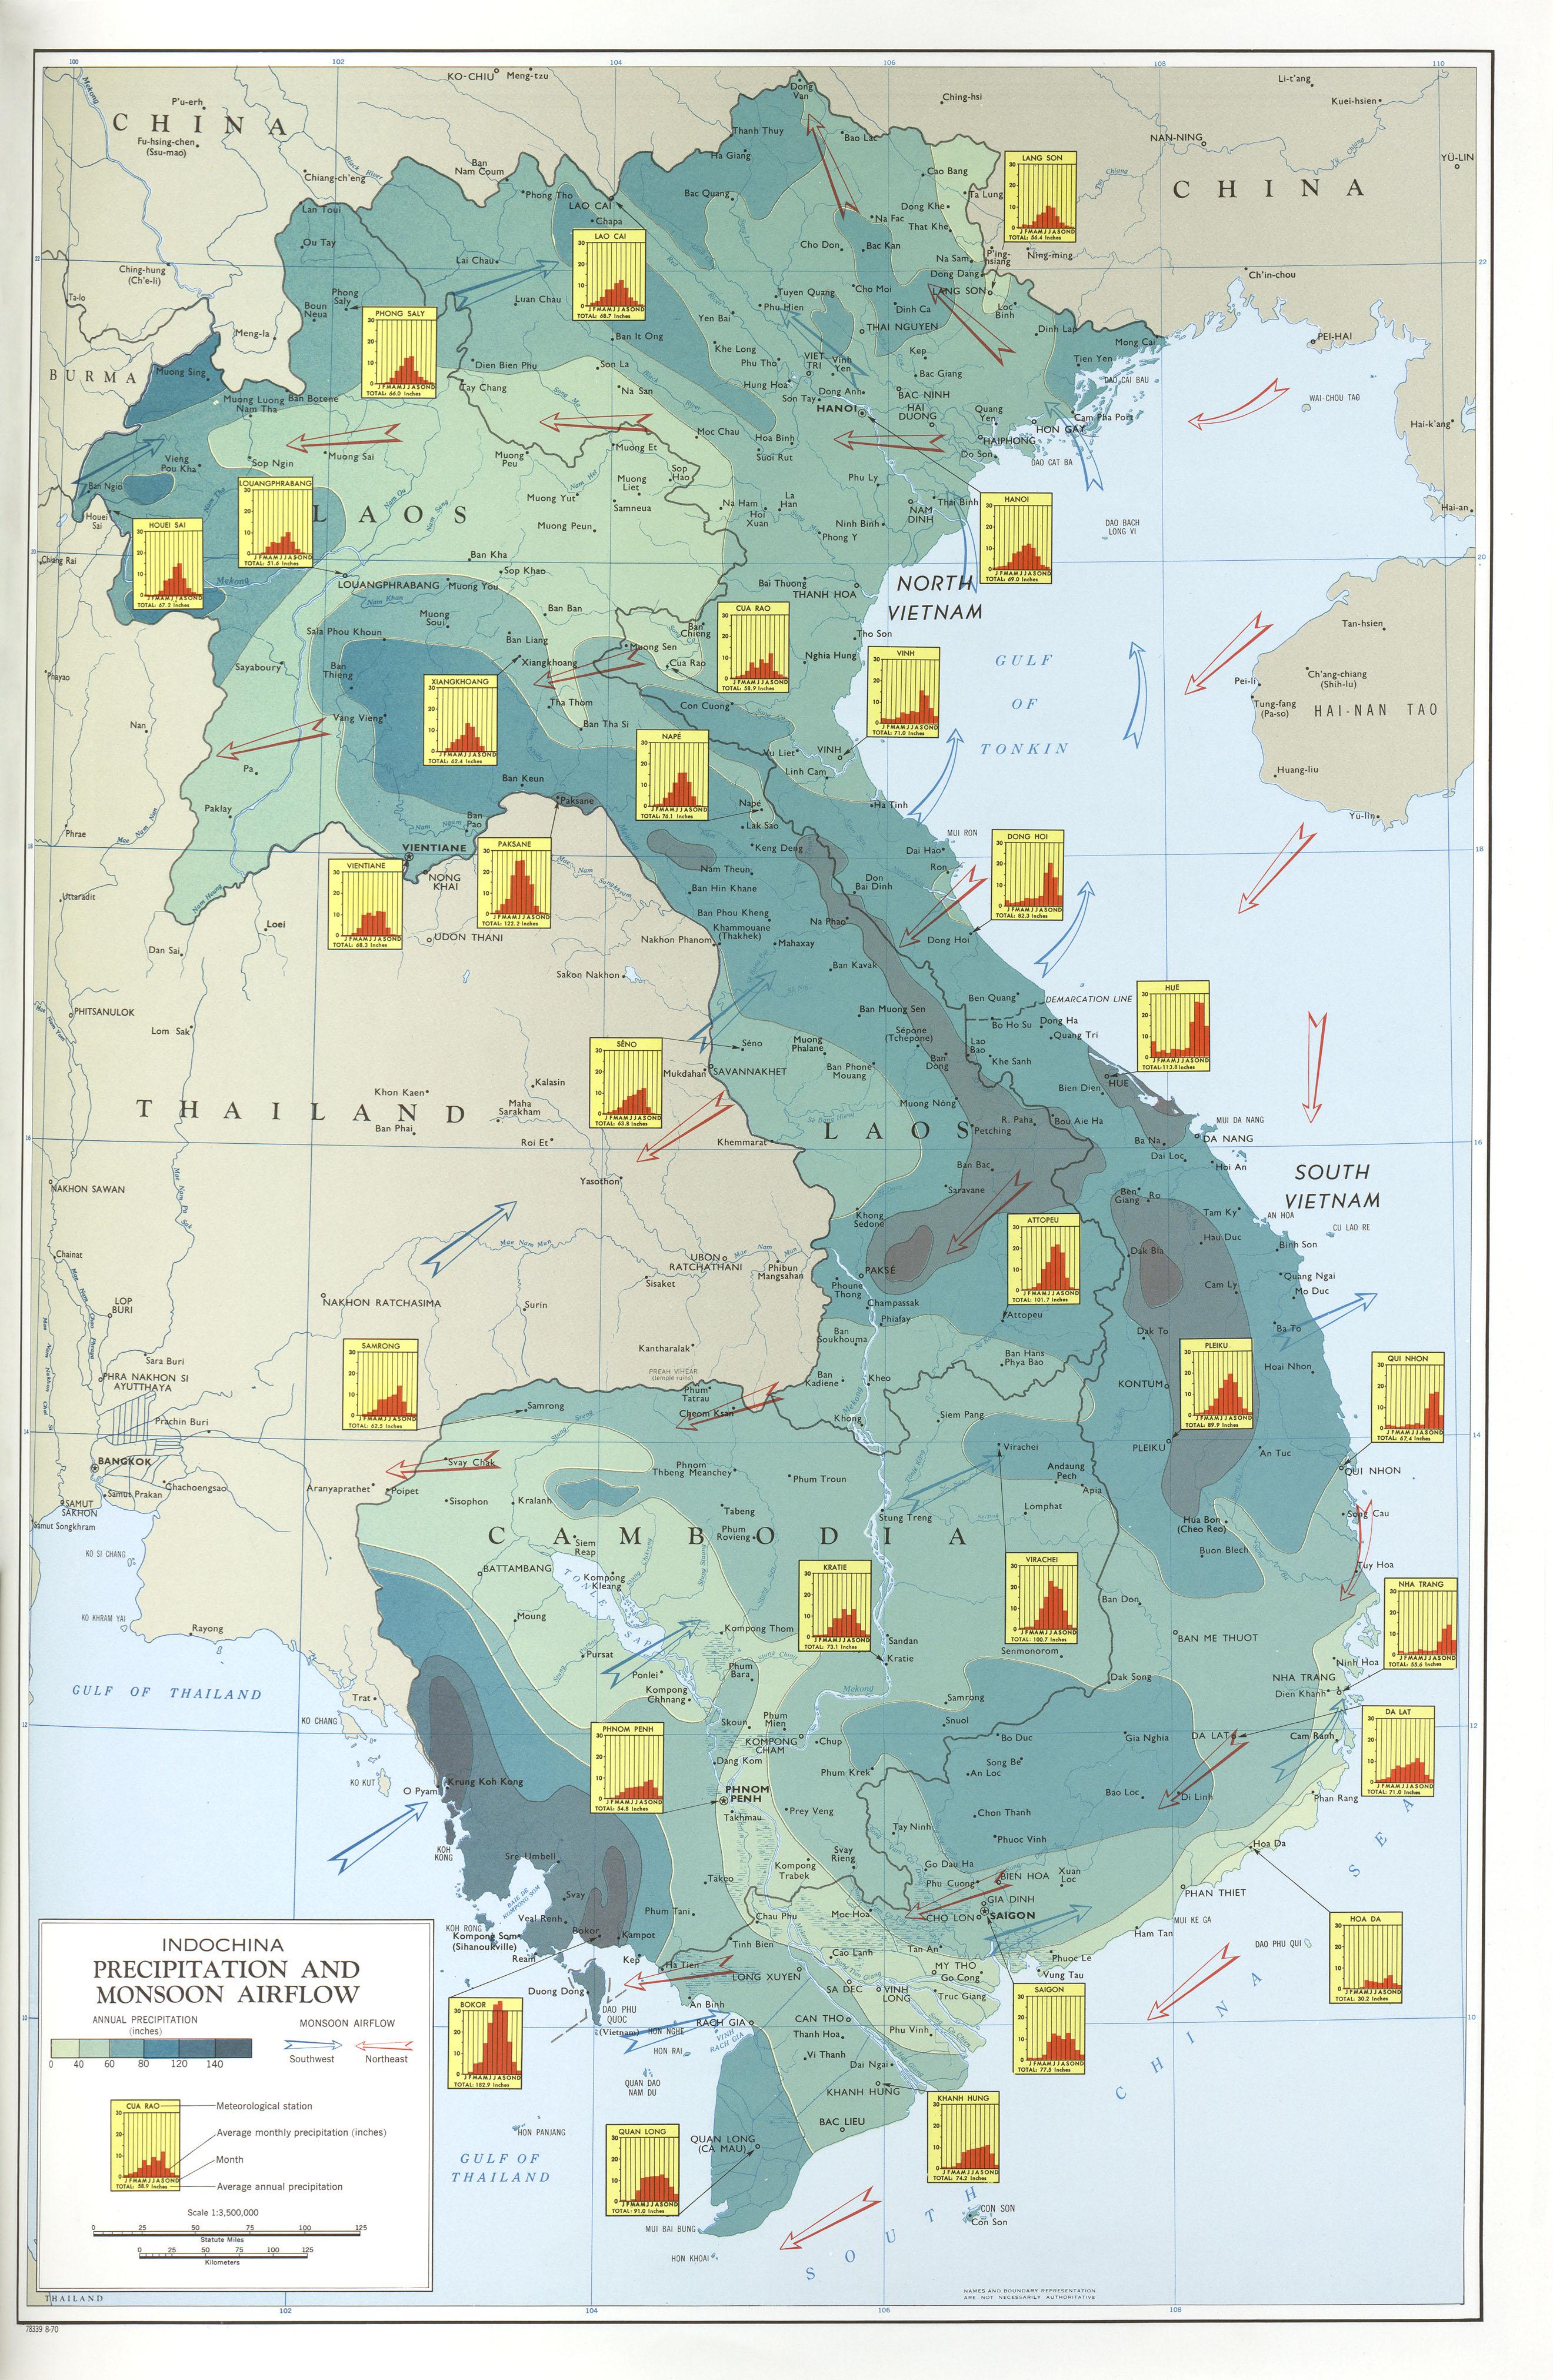 Precipitaciones y Vientos del Monzón en Indochina